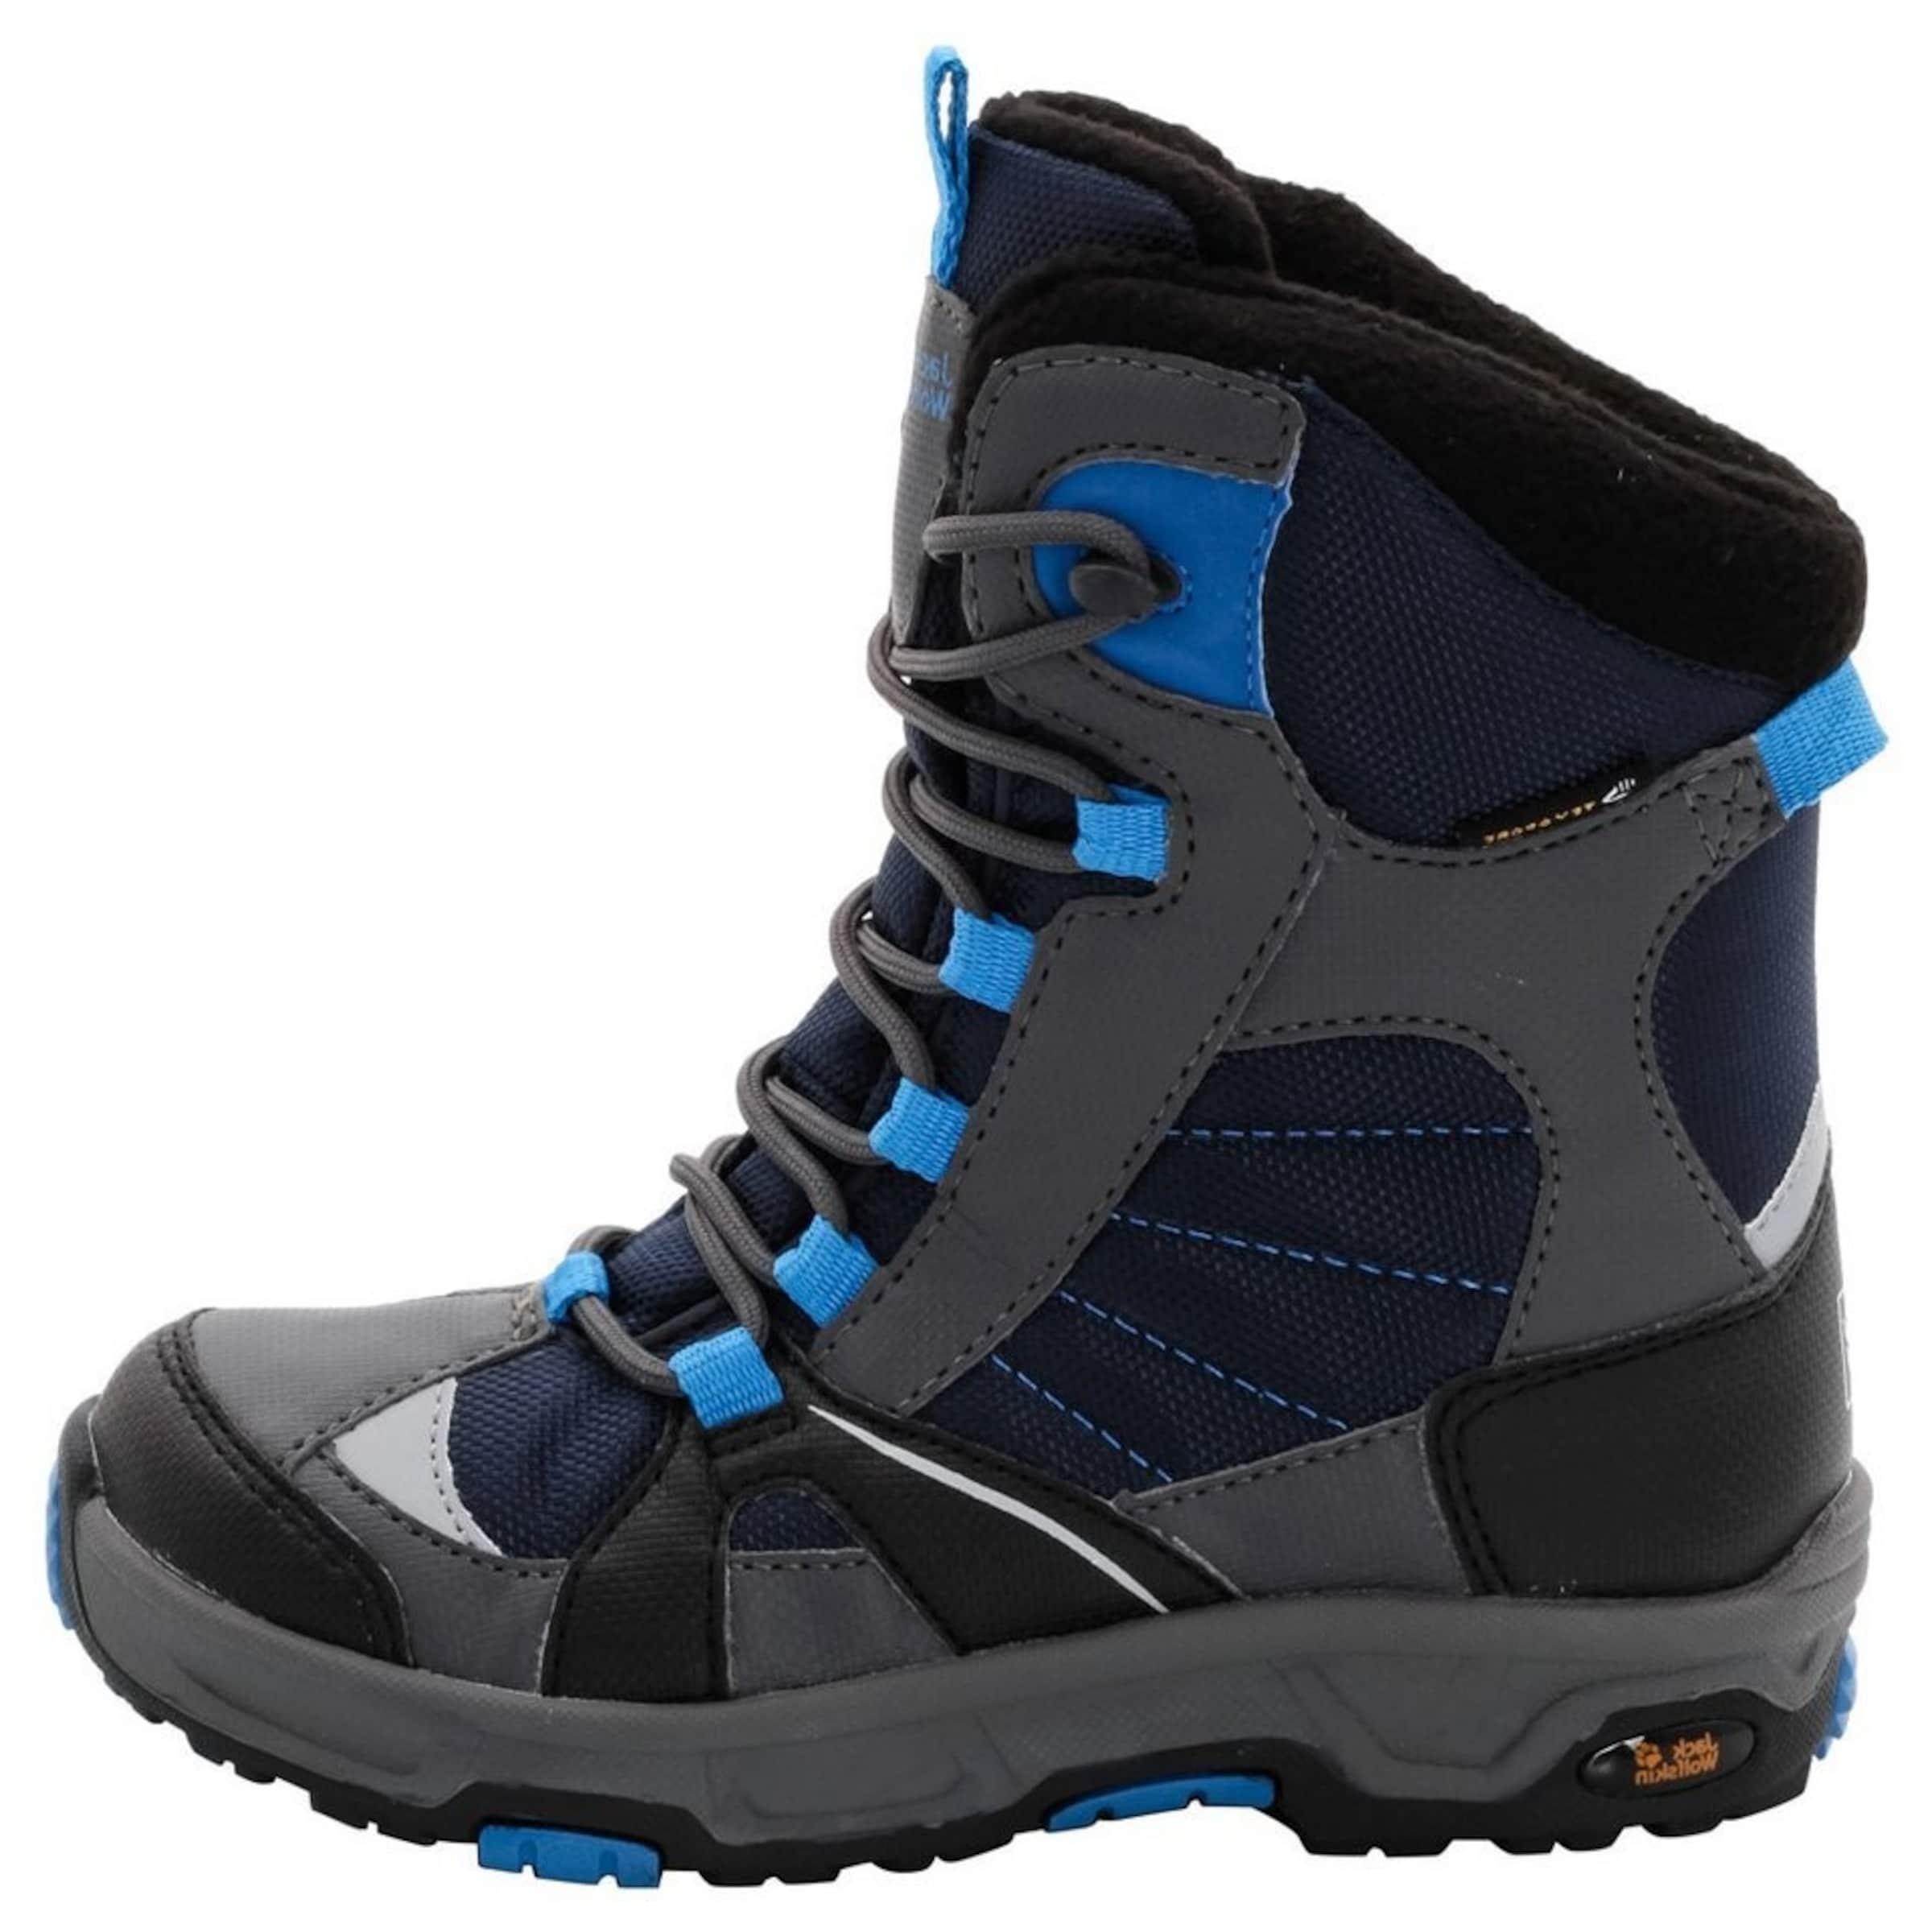 JACK WOLFSKIN Kinder,Jungen Winterstiefel BOYS SNOW RIDE TEXAPORE blau,schwarz | 04055001226801